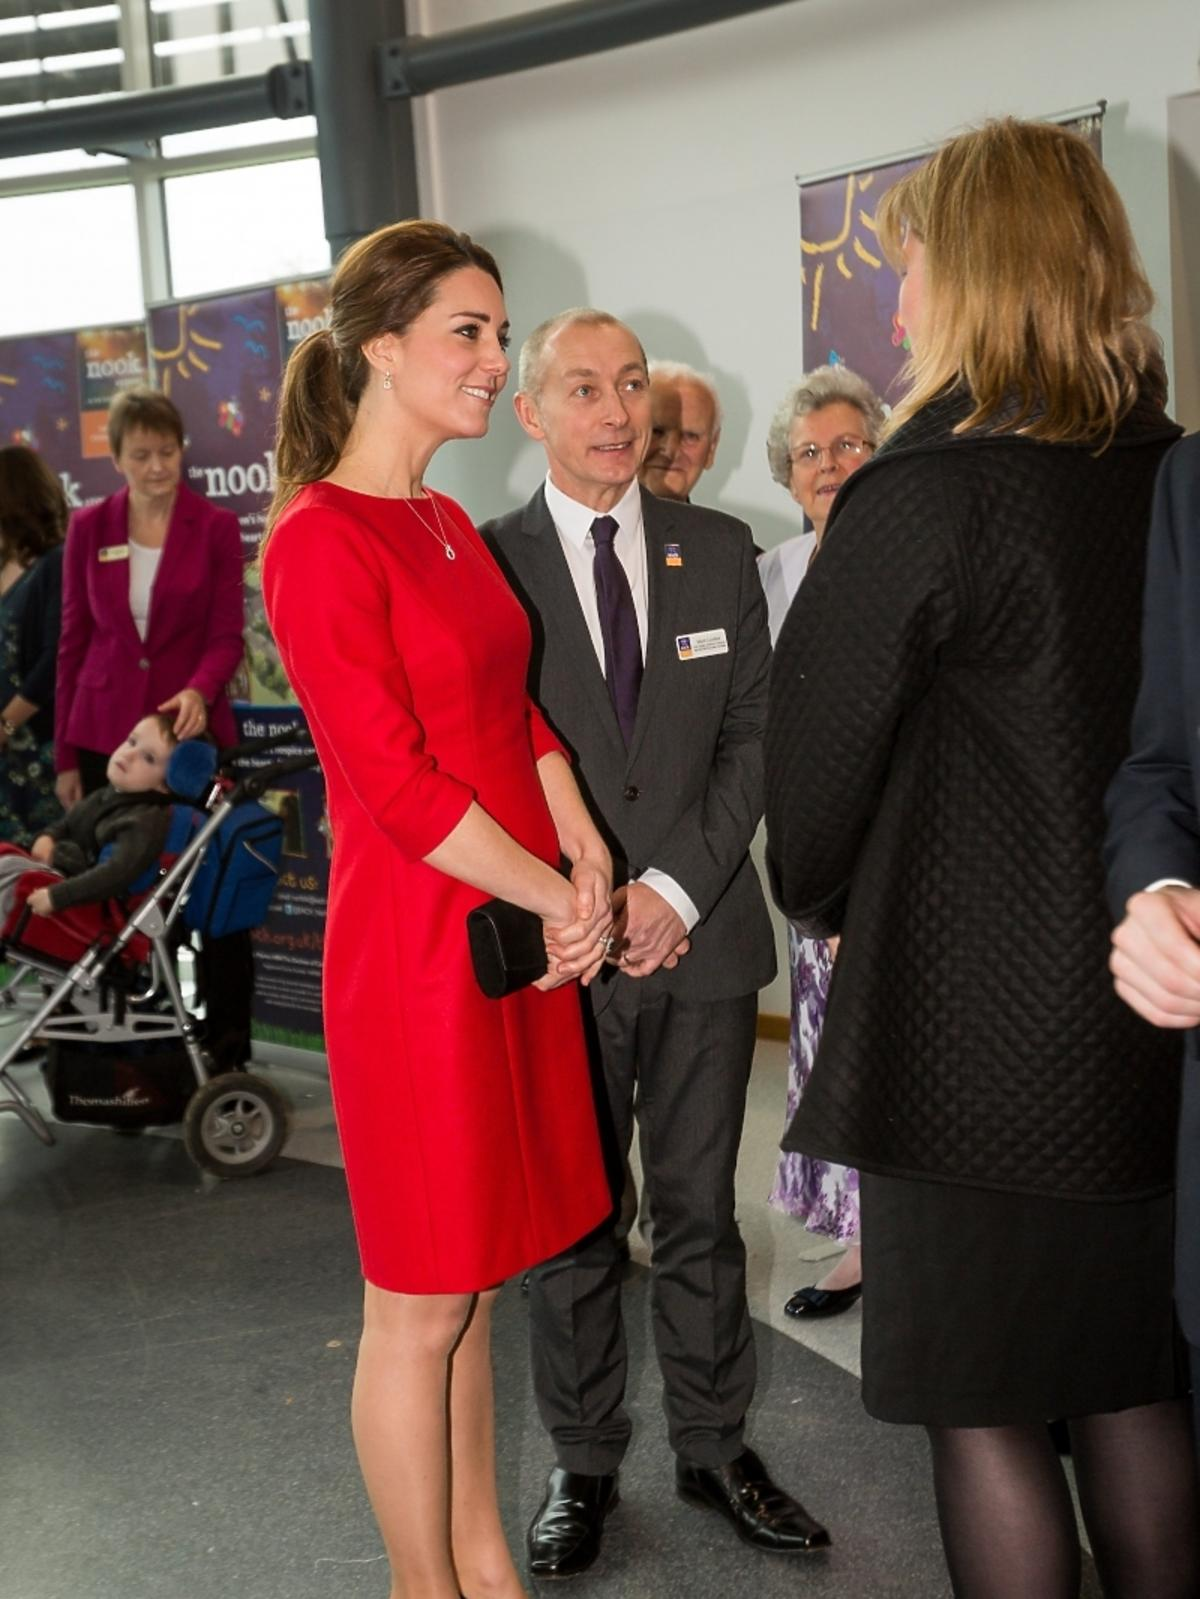 Księżna Kate odwiedziła The Nook Appeal w Norfolk Showground